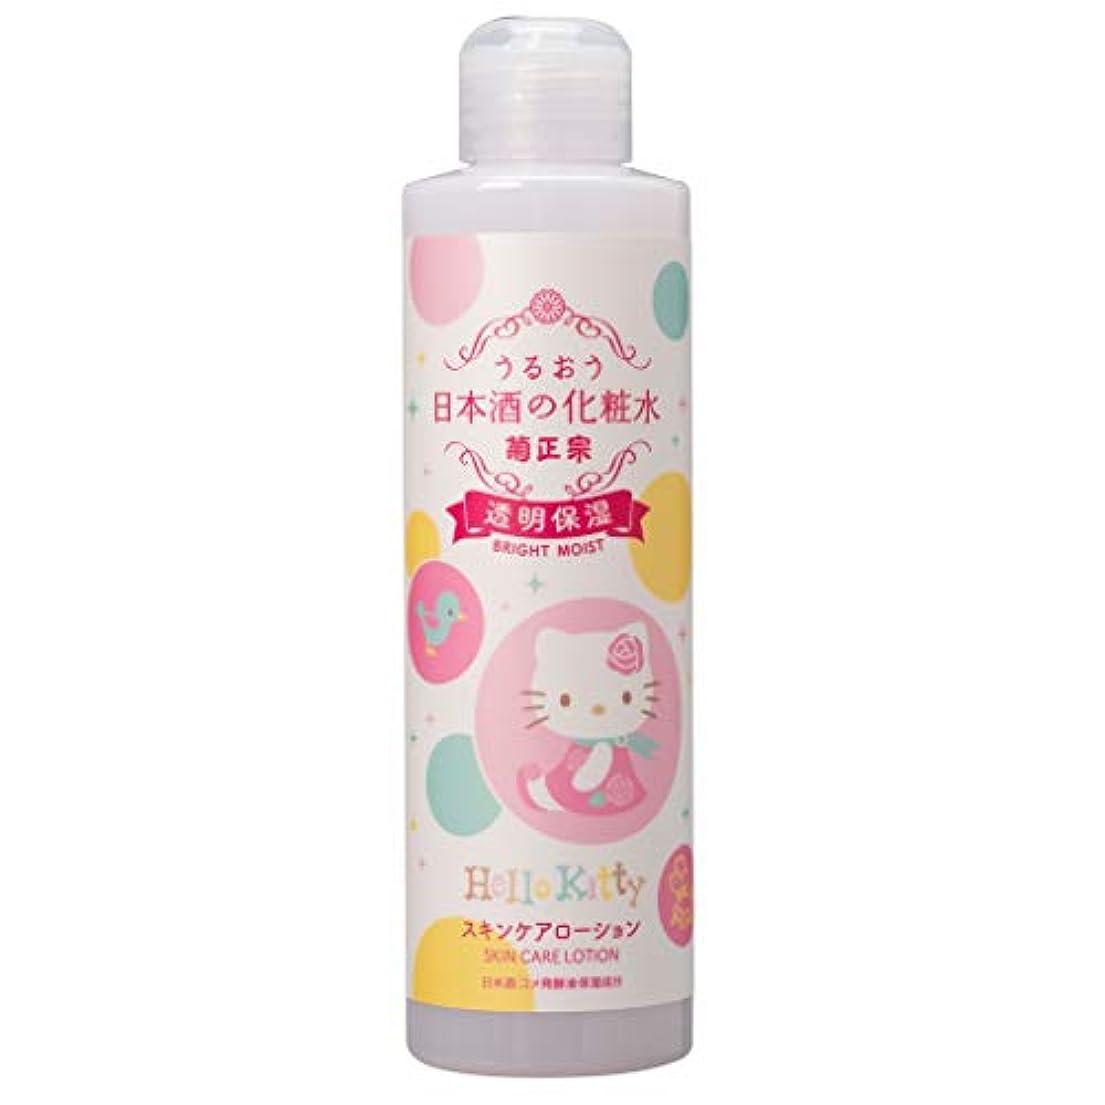 分離するベッドを作る栄光の菊正宗 日本酒の化粧水 透明保湿 キティボトル 200ml